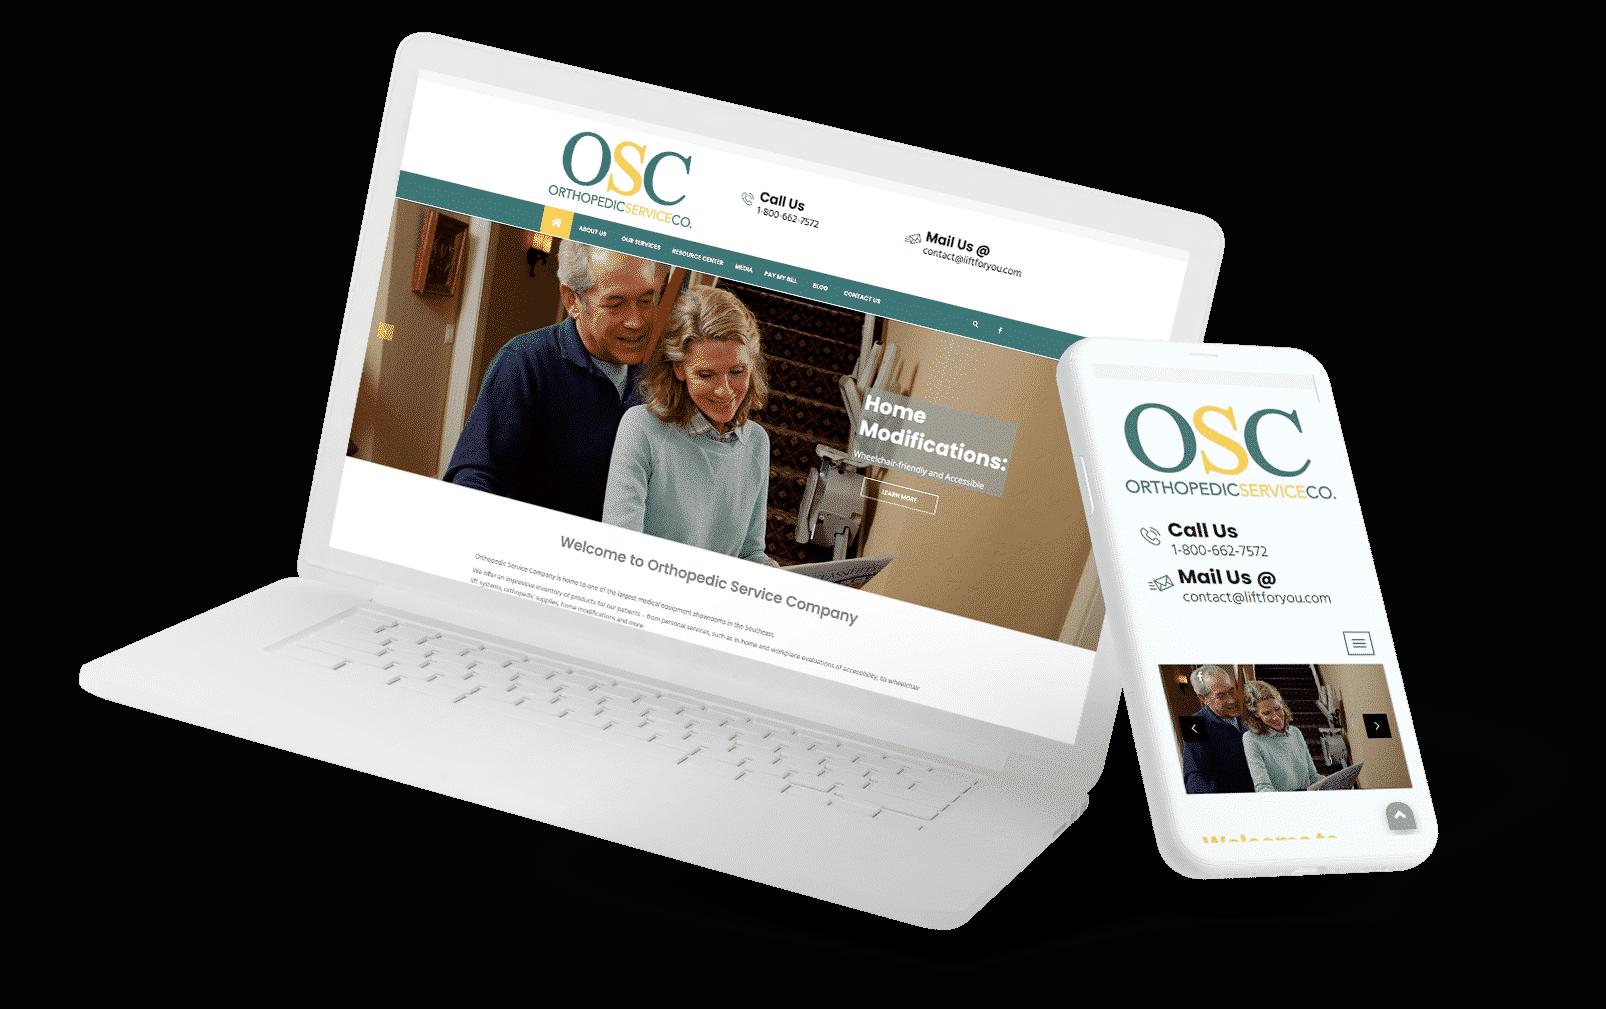 OSC-laptop-phone